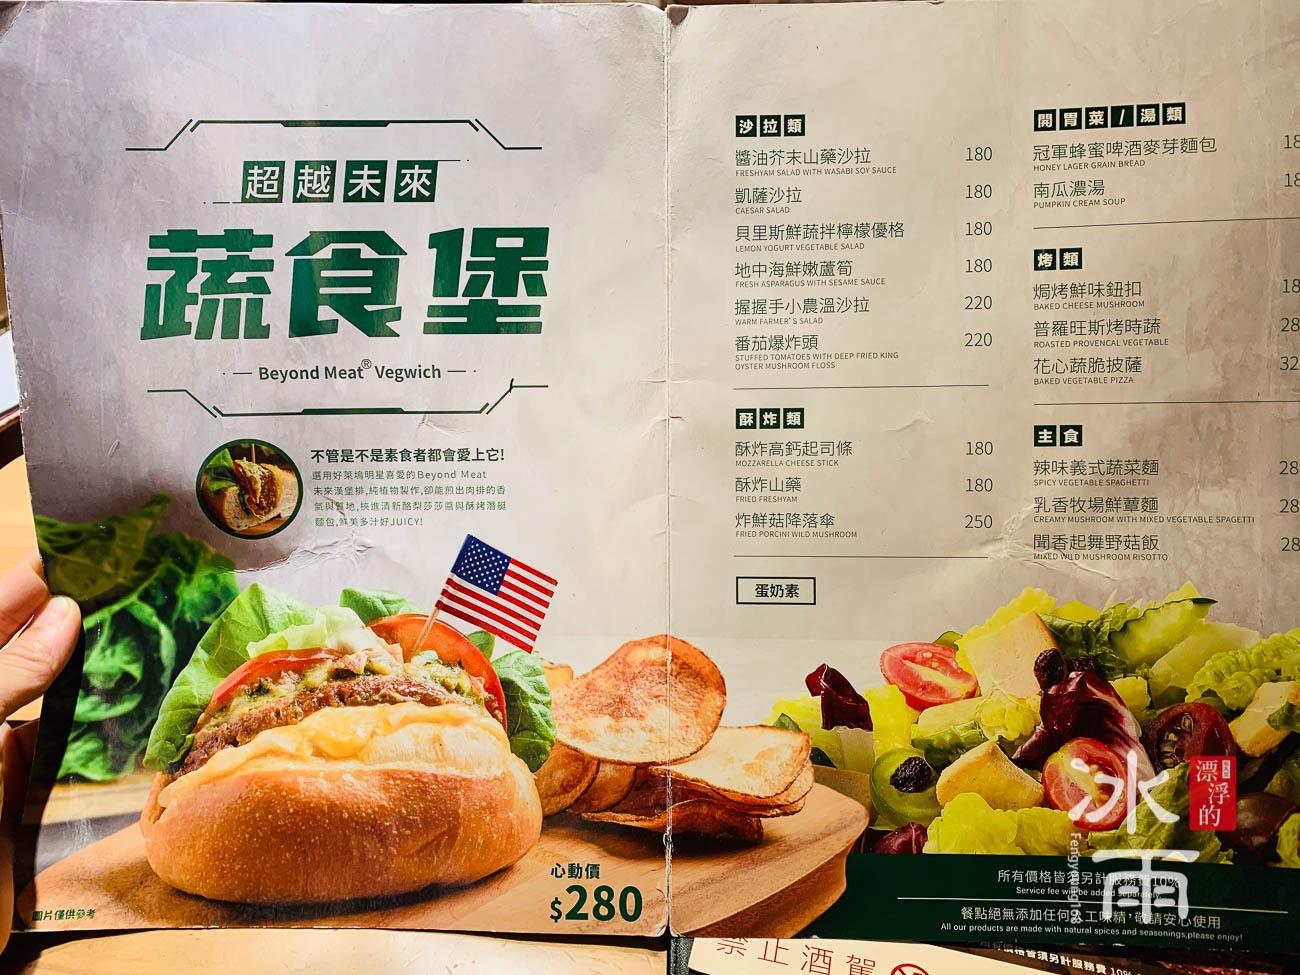 金色三麥大遠百店蔬食菜單,有很多好吃的蔬菜料理